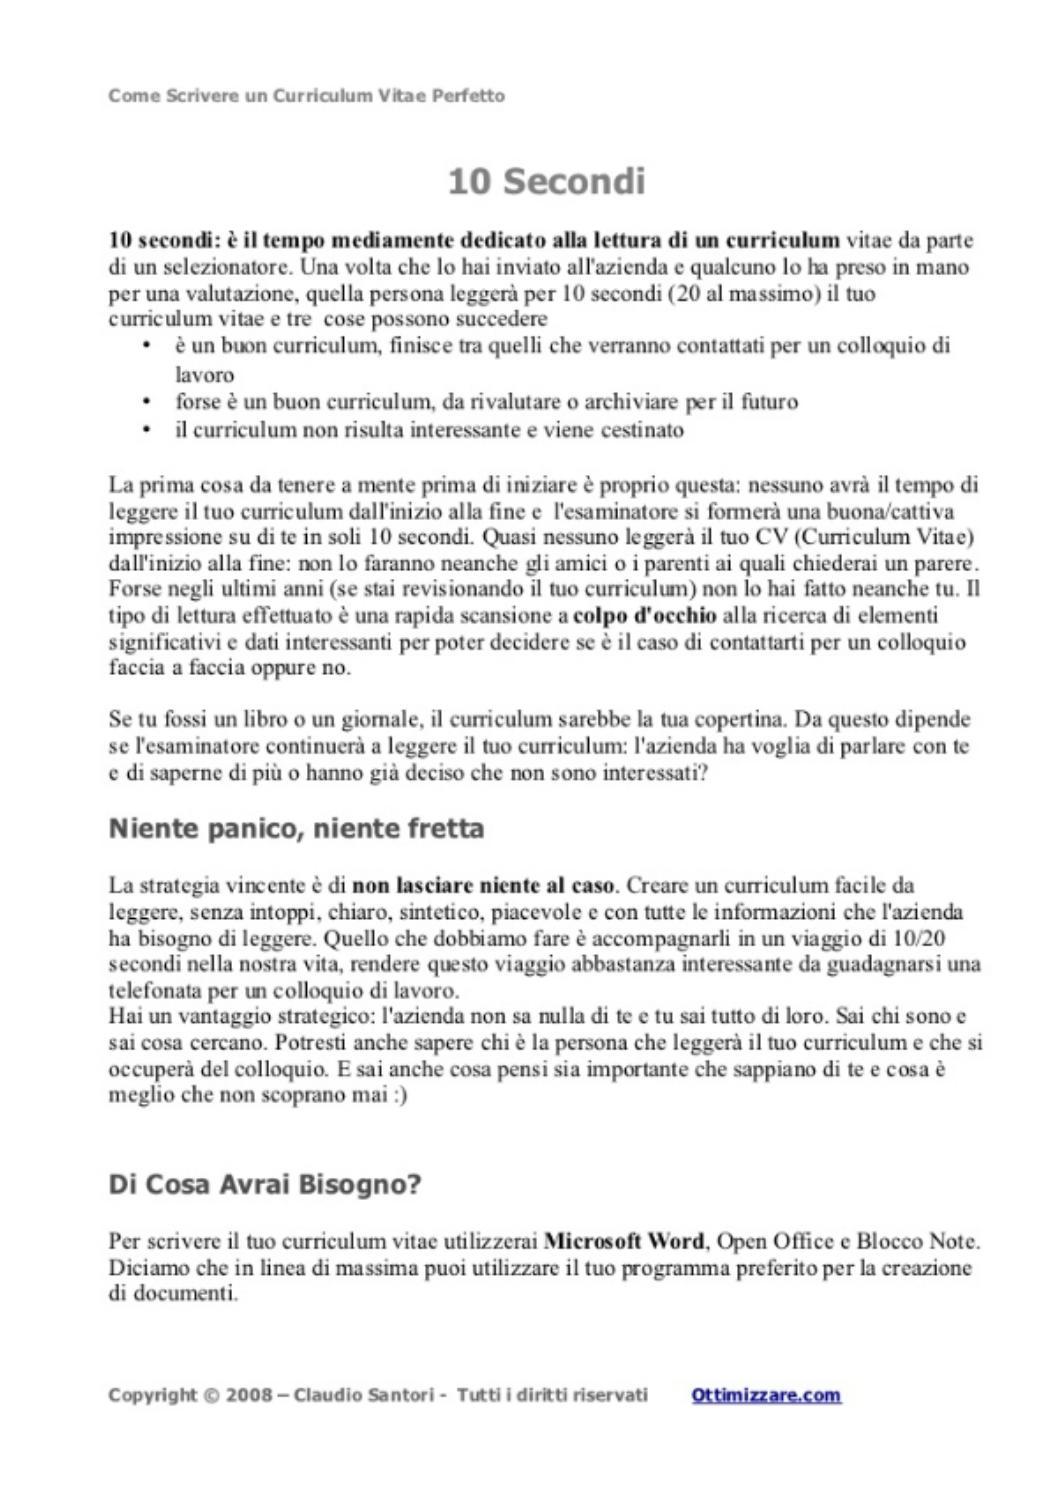 Come Scrivere Un Curriculum Vitae Perfetto Claudio Santori